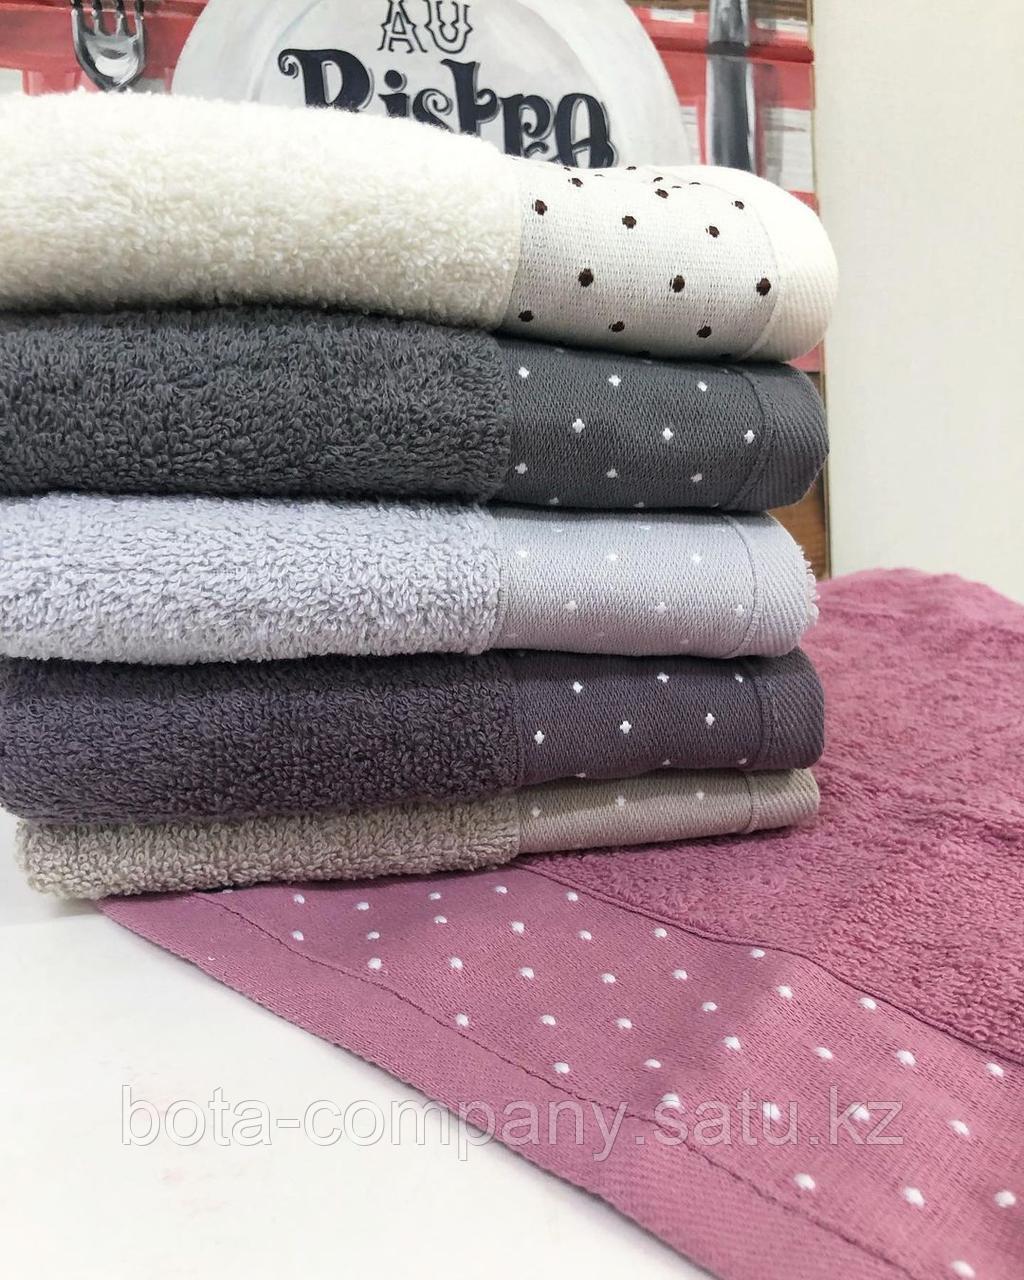 Кухонные полотенца vinessa 6в1